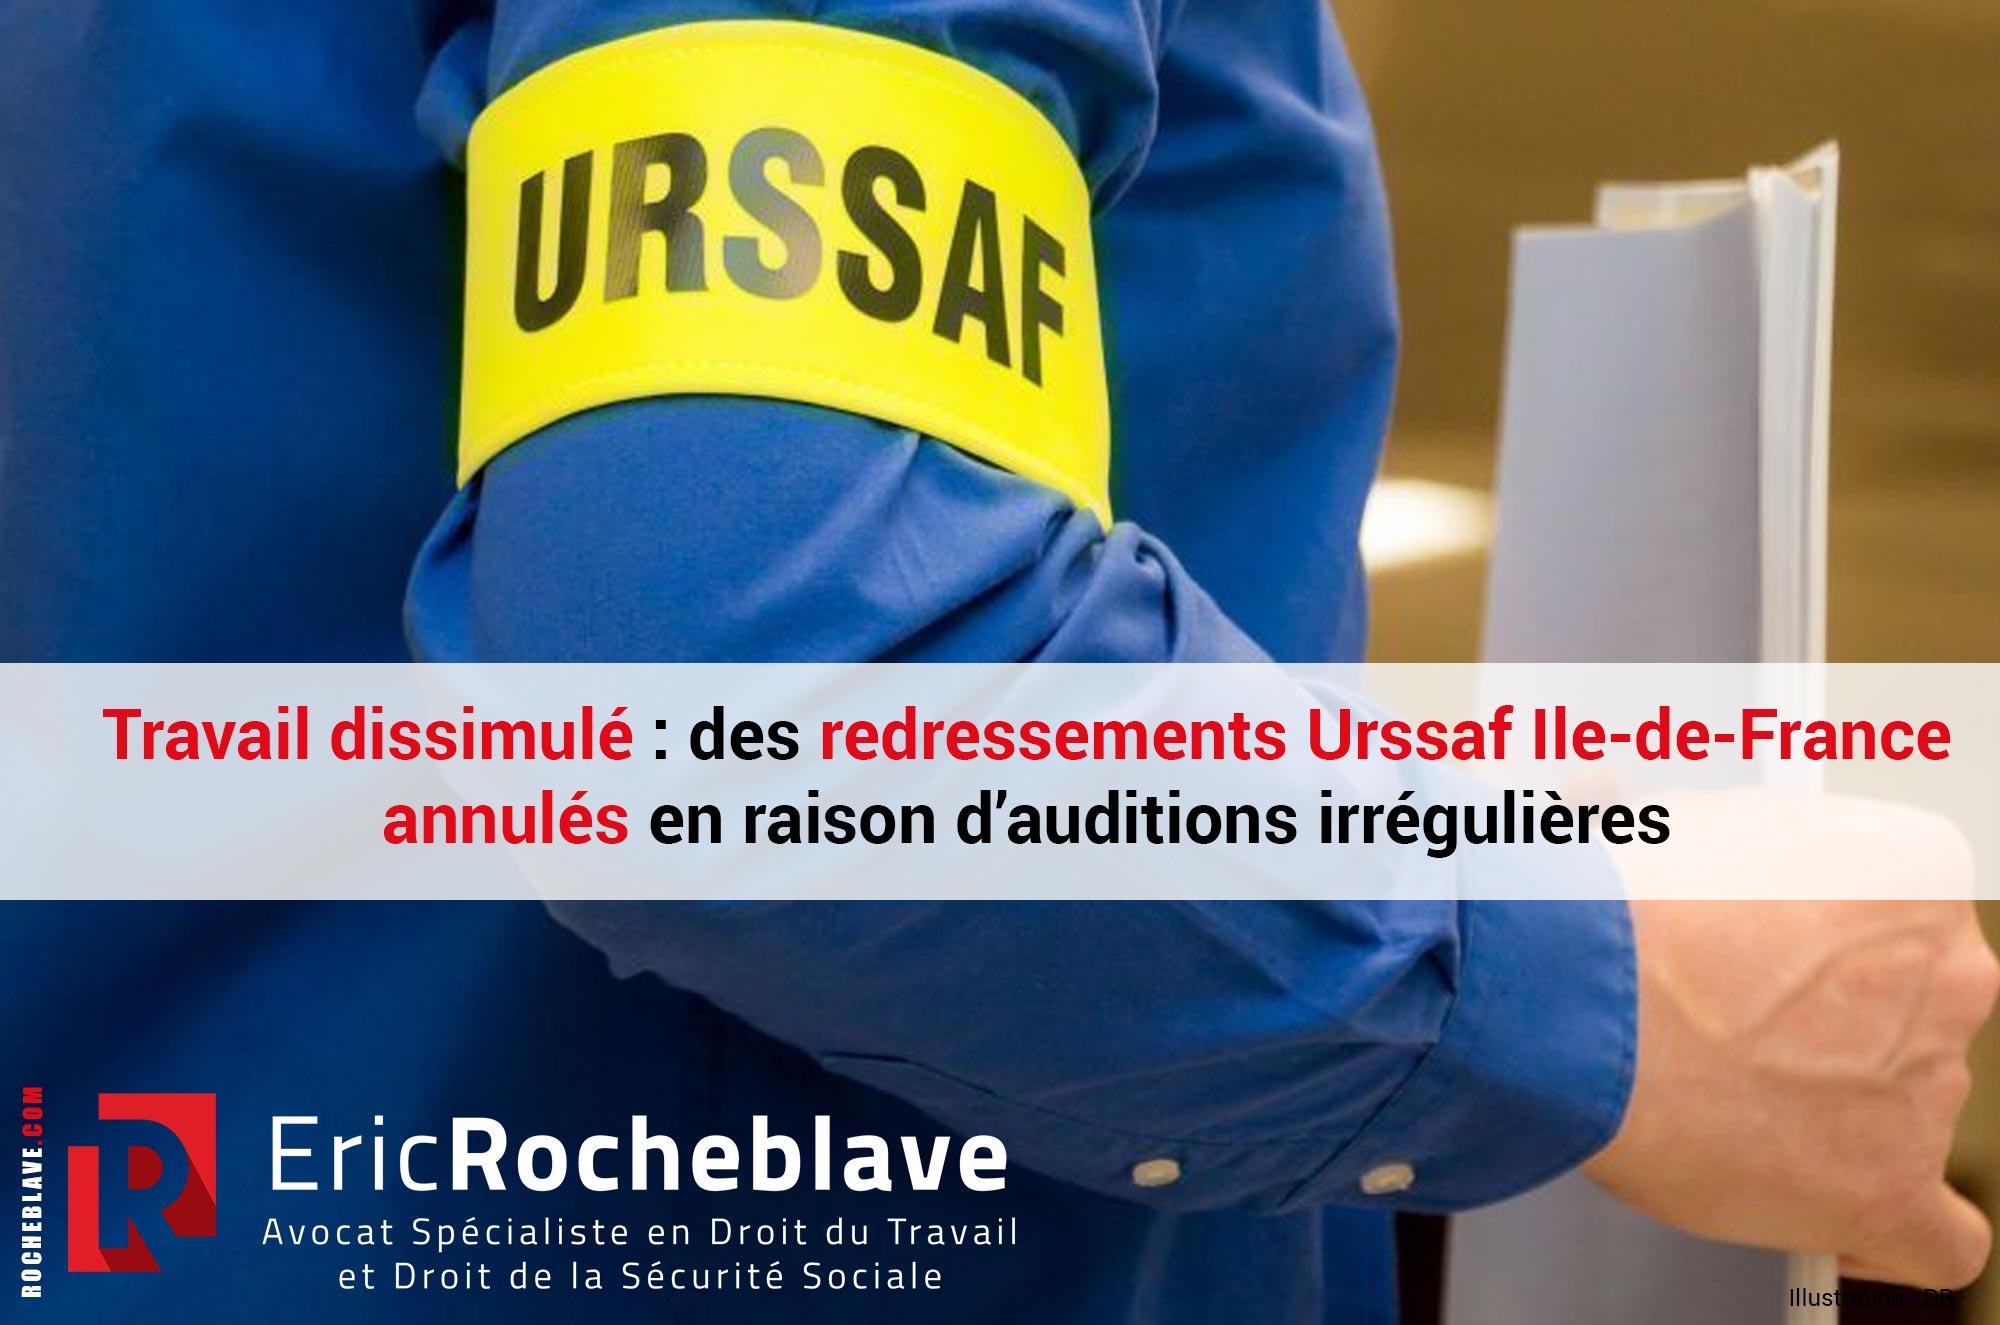 Travail dissimulé : des redressements Urssaf Ile-de-France annulés en raison d'auditions irrégulières